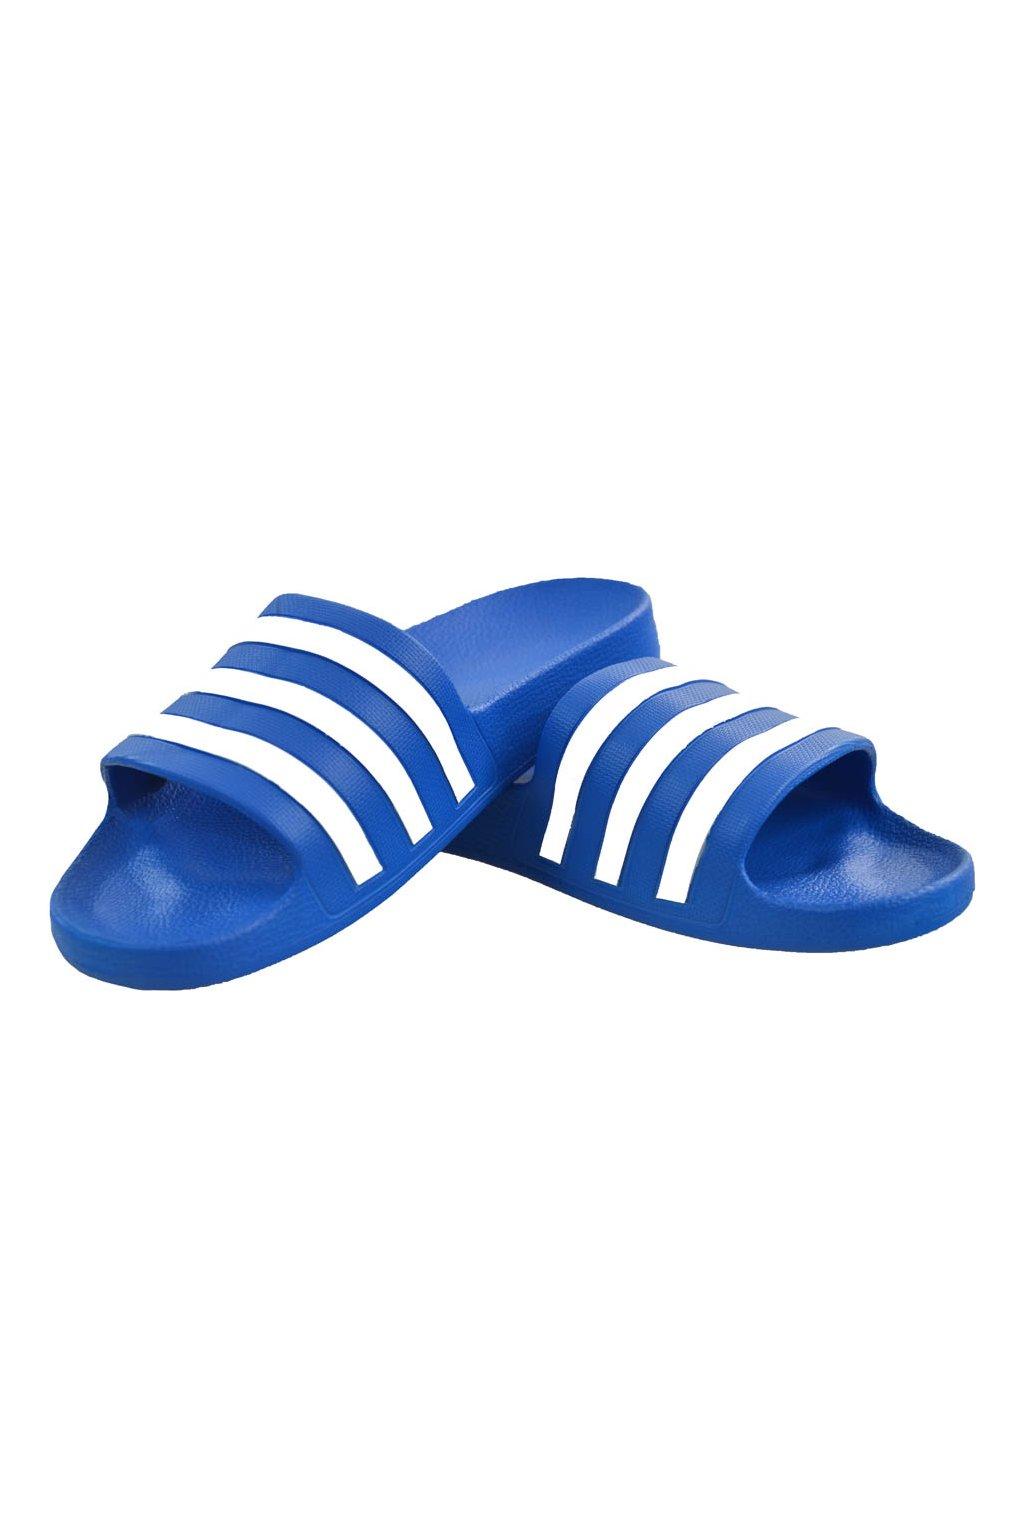 Šľapky adidas Adilette Aqua modré F35541